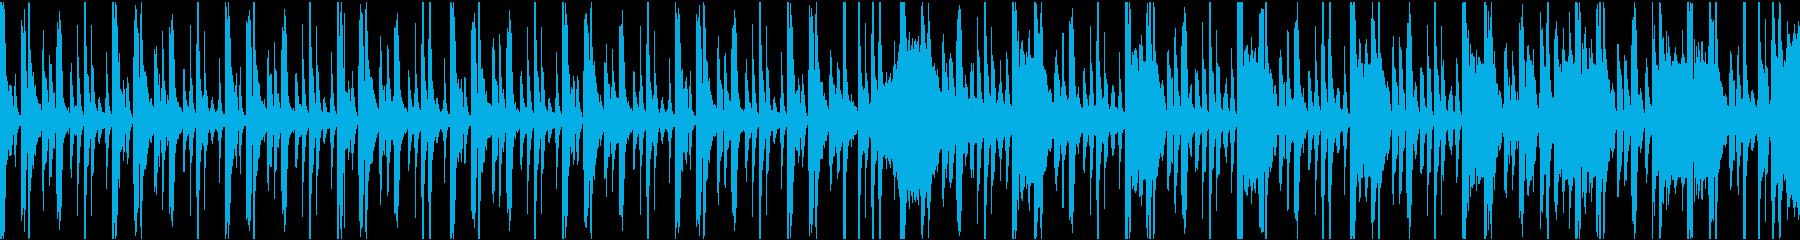 未来感のあるテクスチャー系BGMの再生済みの波形